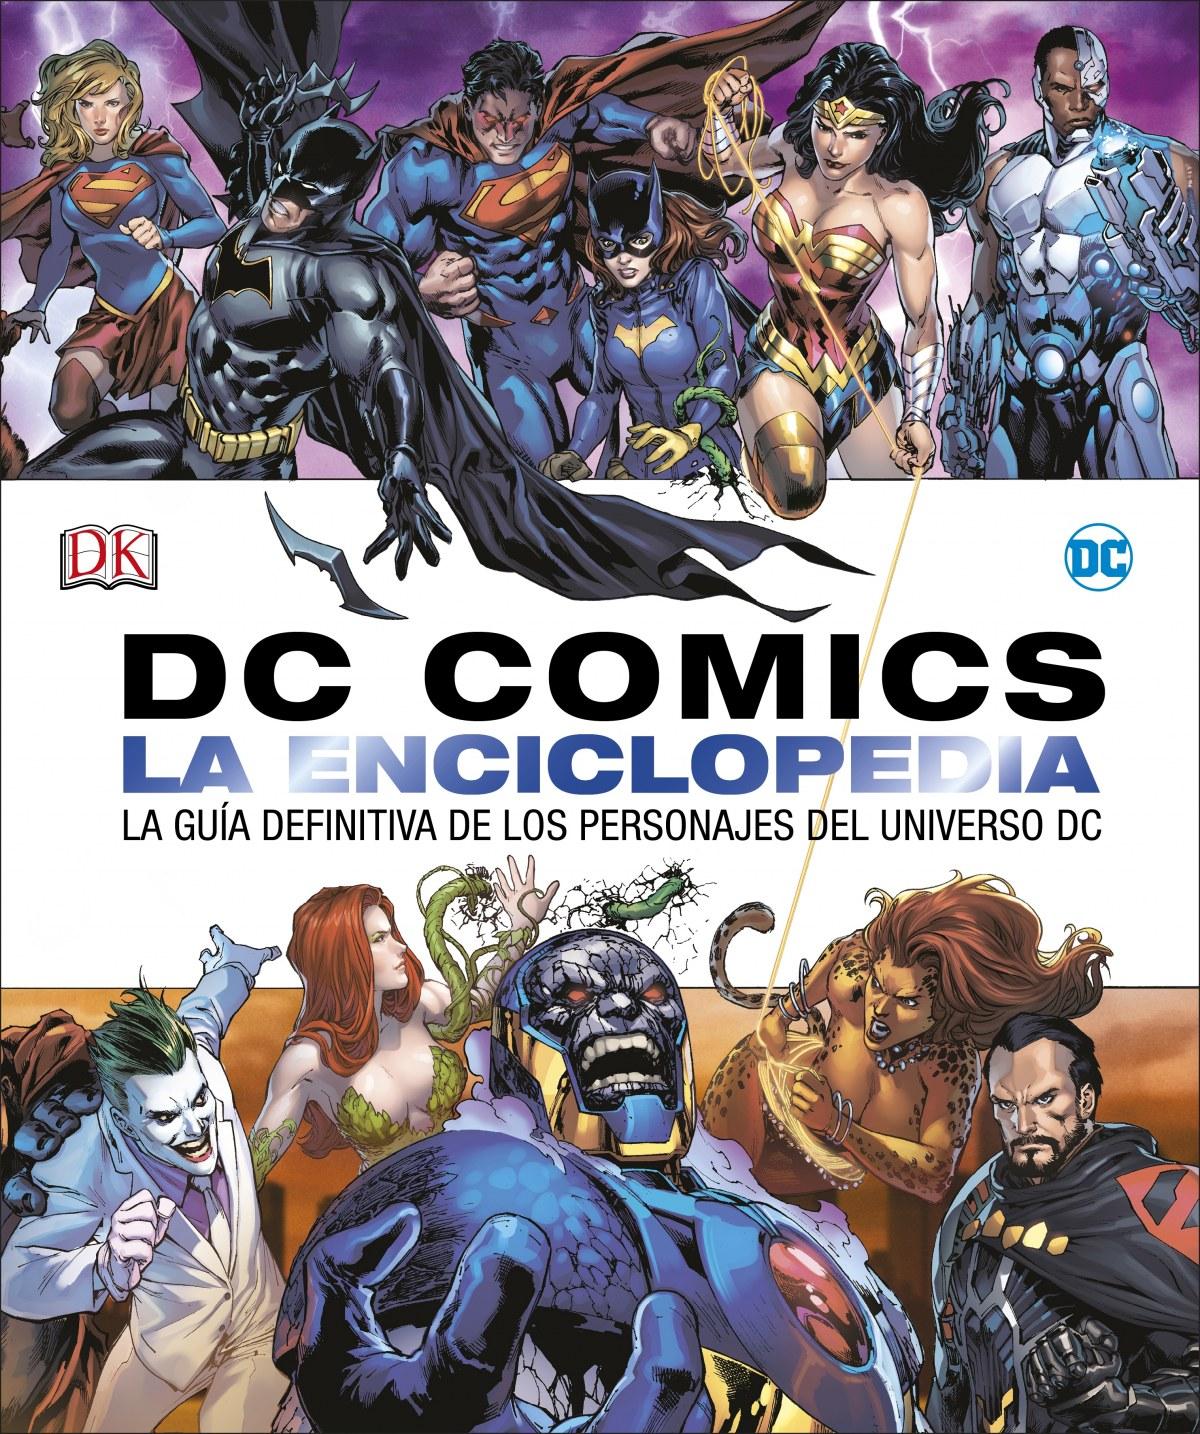 DC COMICS. LA ENCICLOPEDIA 9780241303368